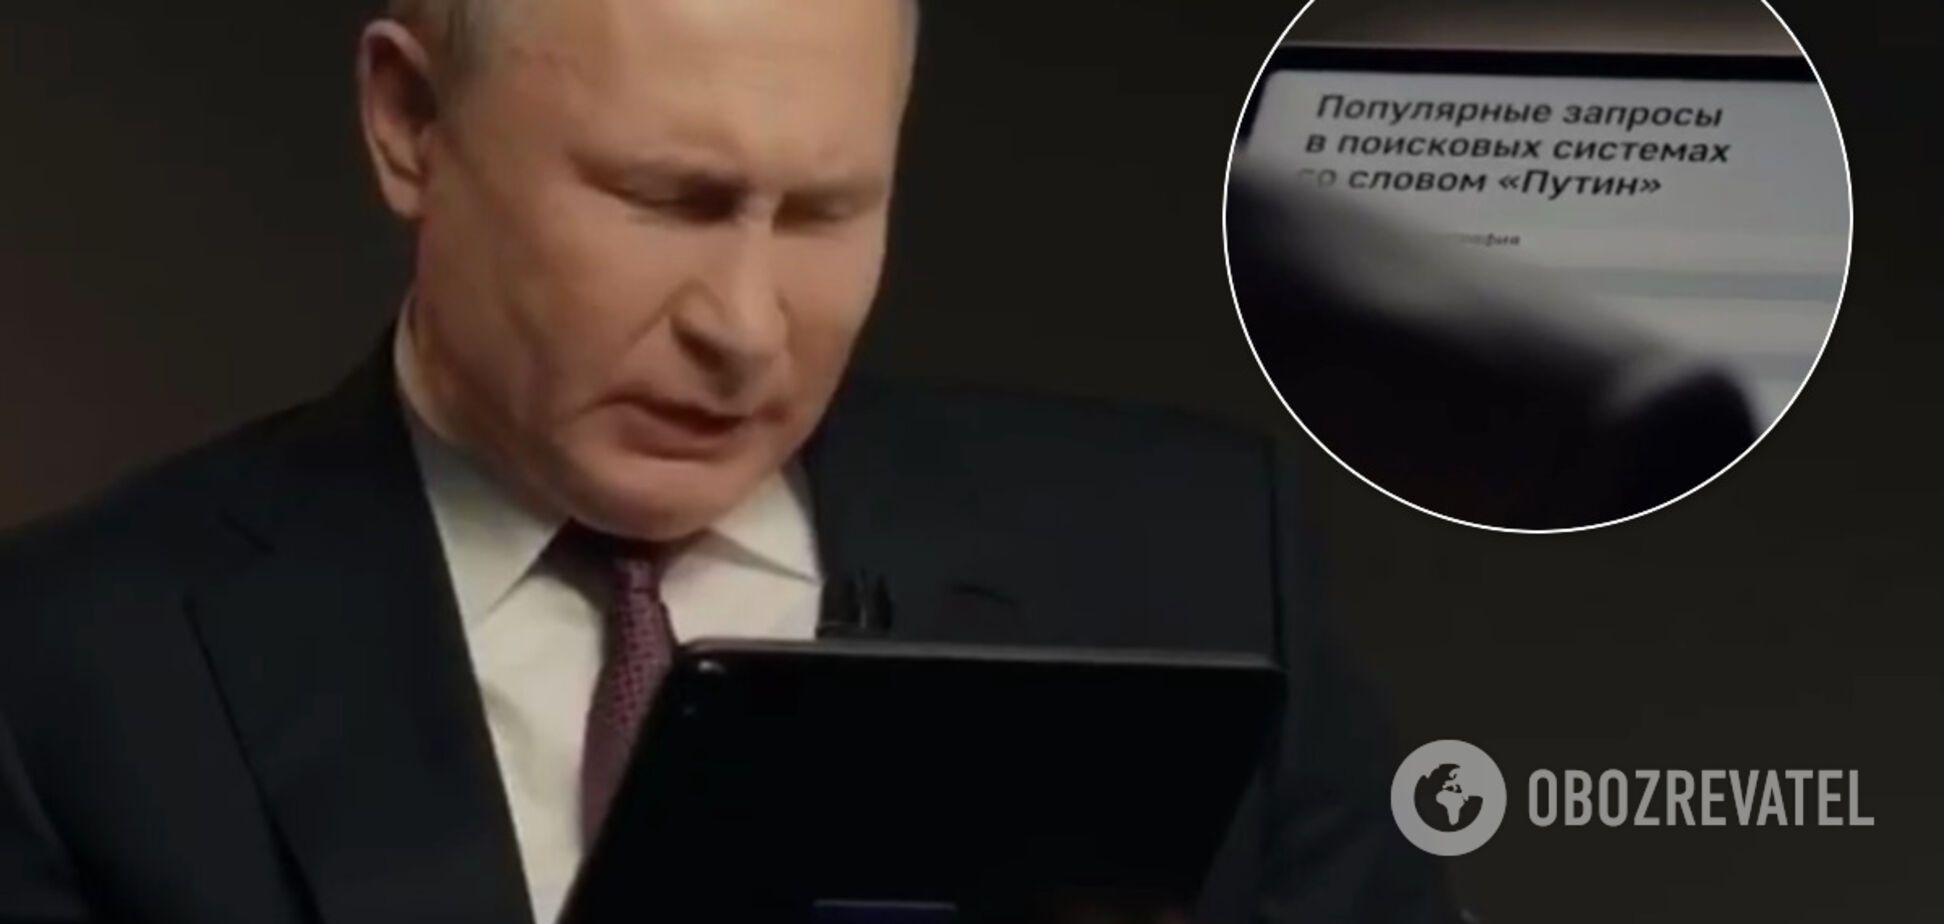 Путіна потролили, давши в руки iPad